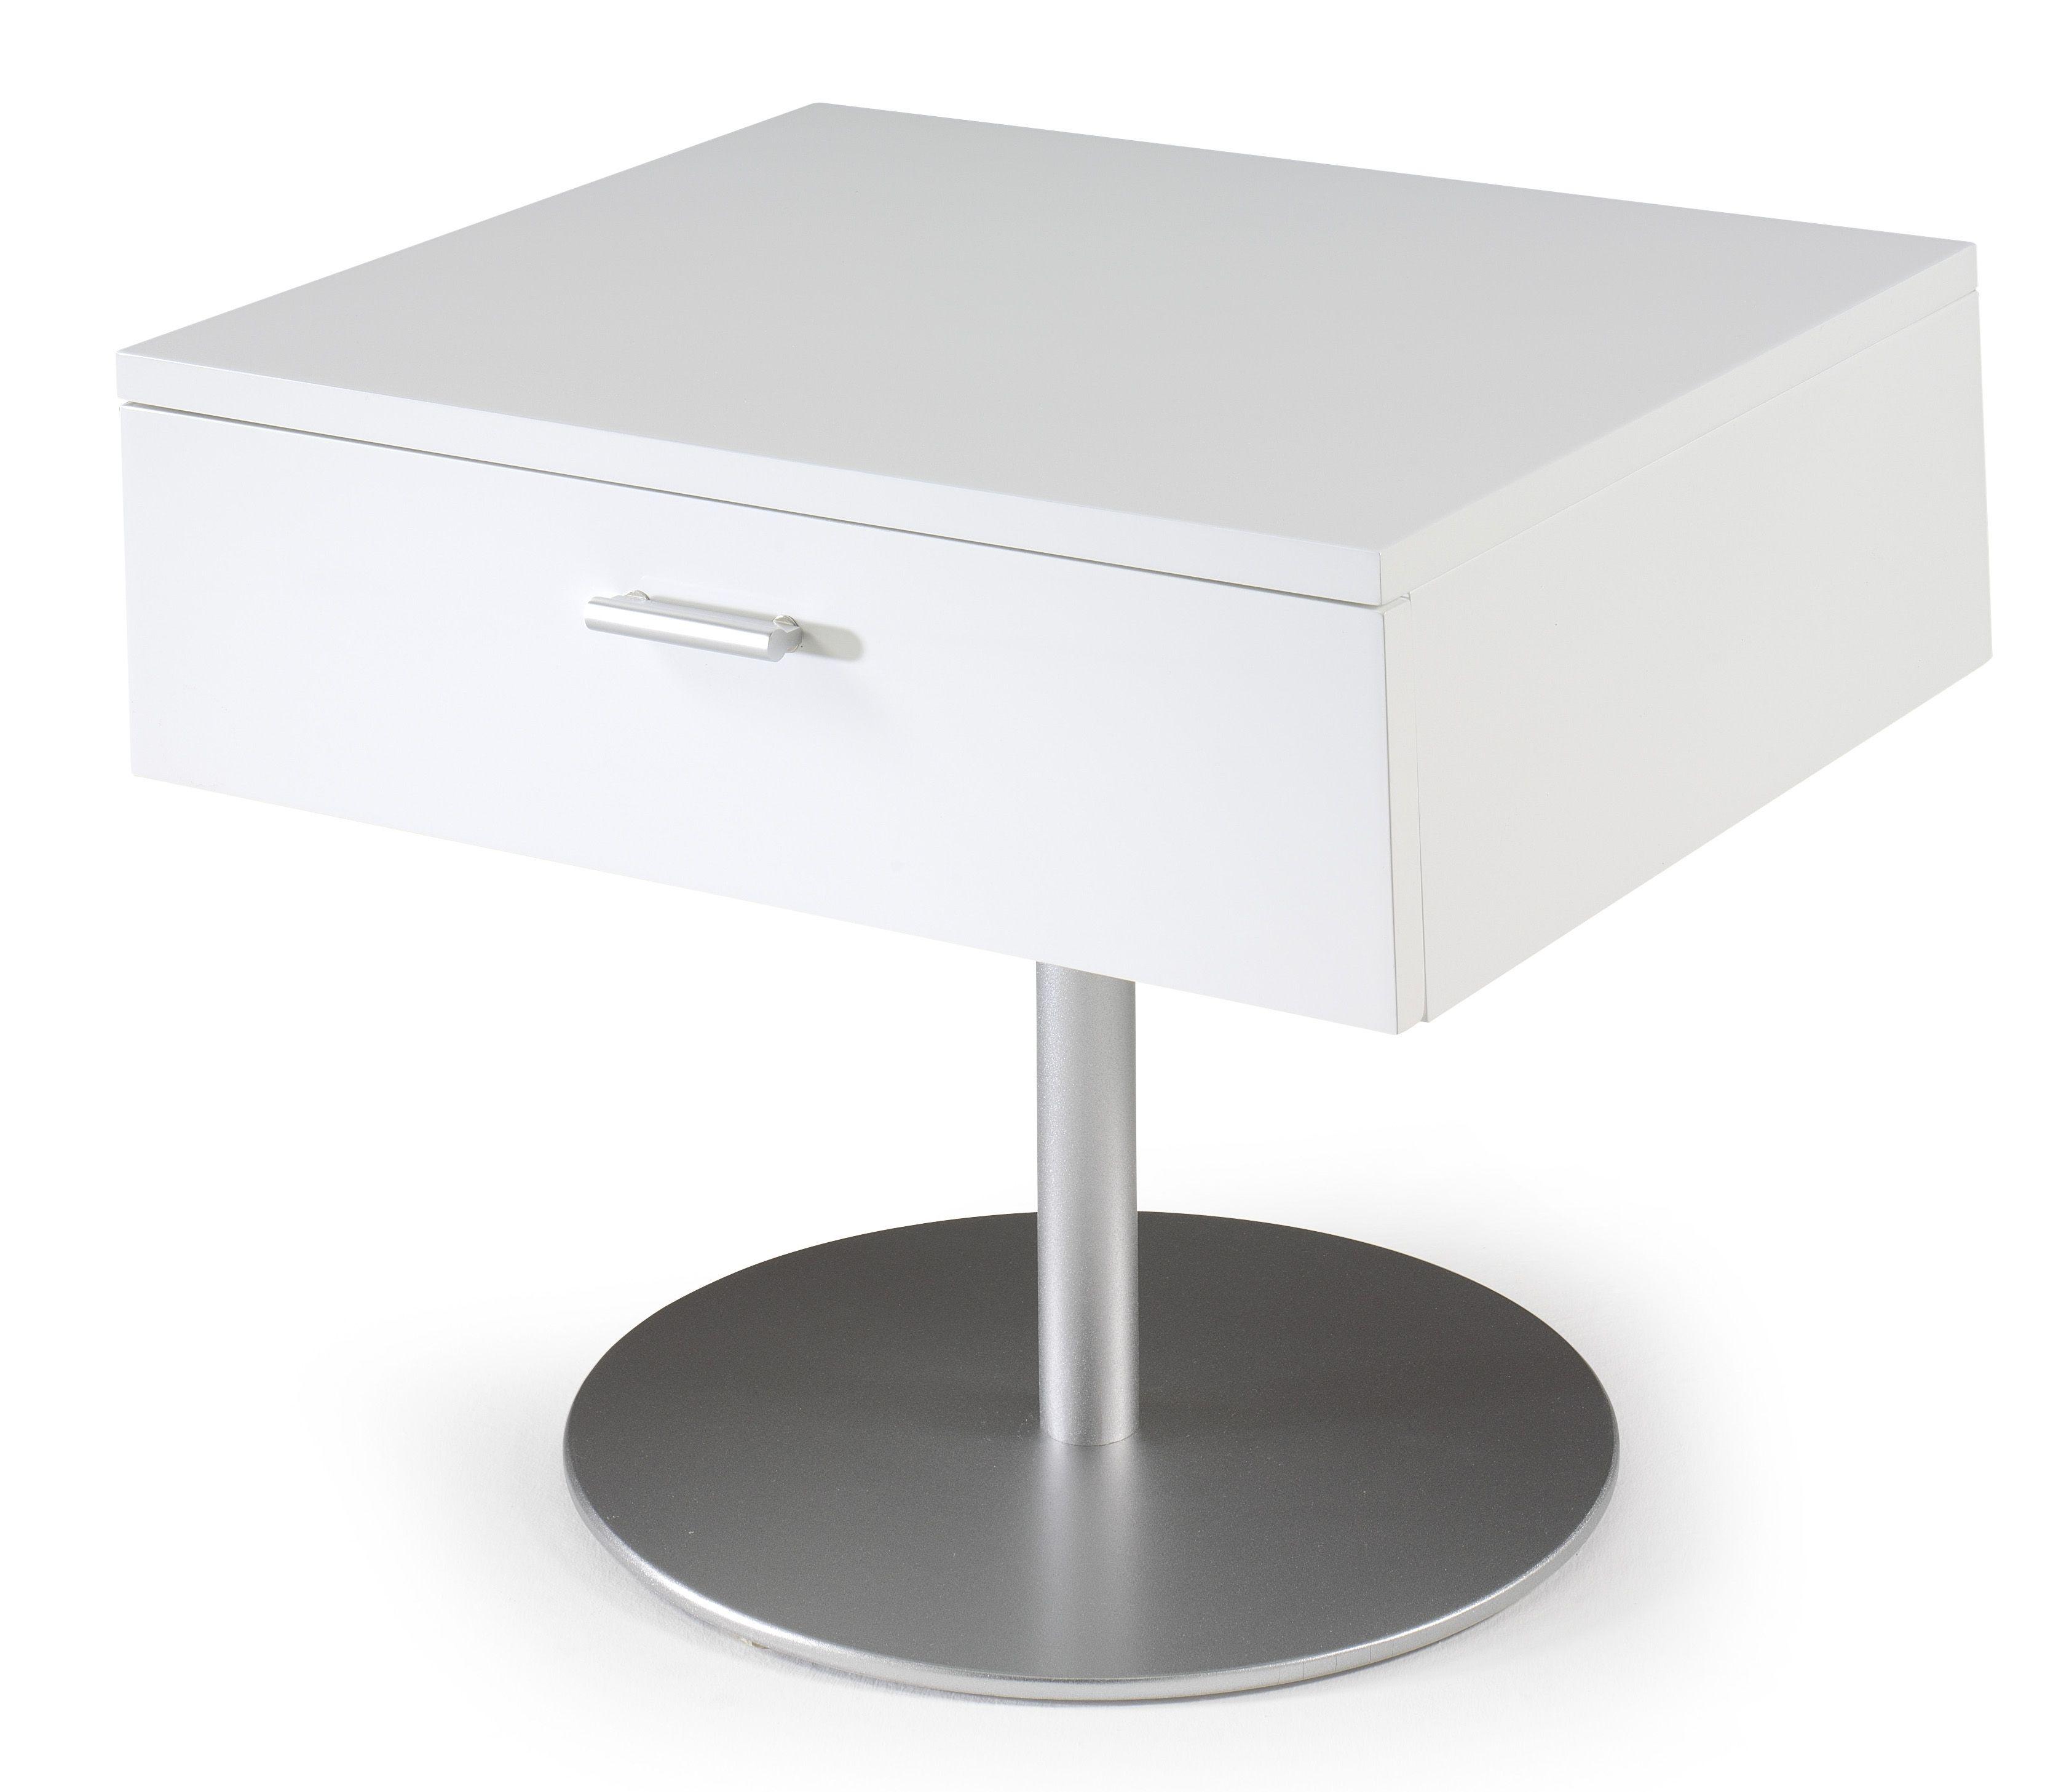 table de chevet design blanc laque kara